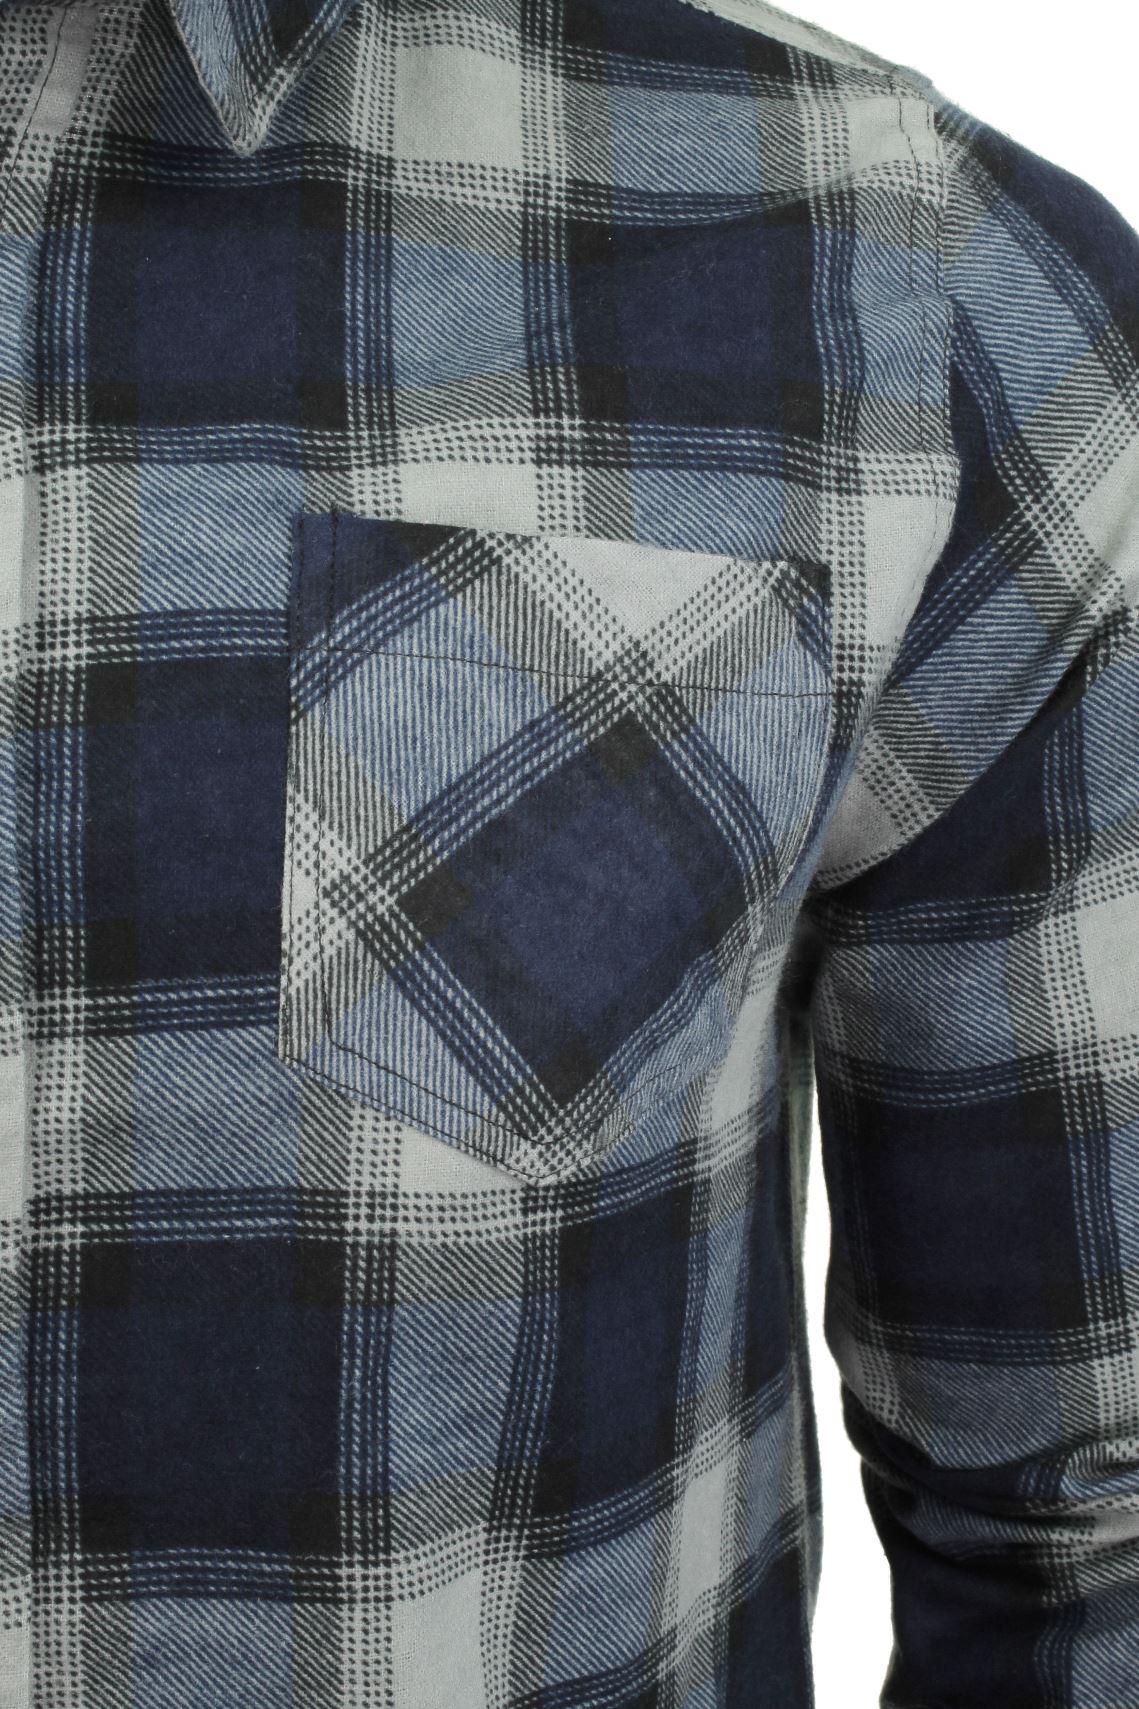 Verificacion-de-franela-de-algodon-cepillado-alma-valiente-camisa-de-mangas-largas-De-Jack miniatura 14